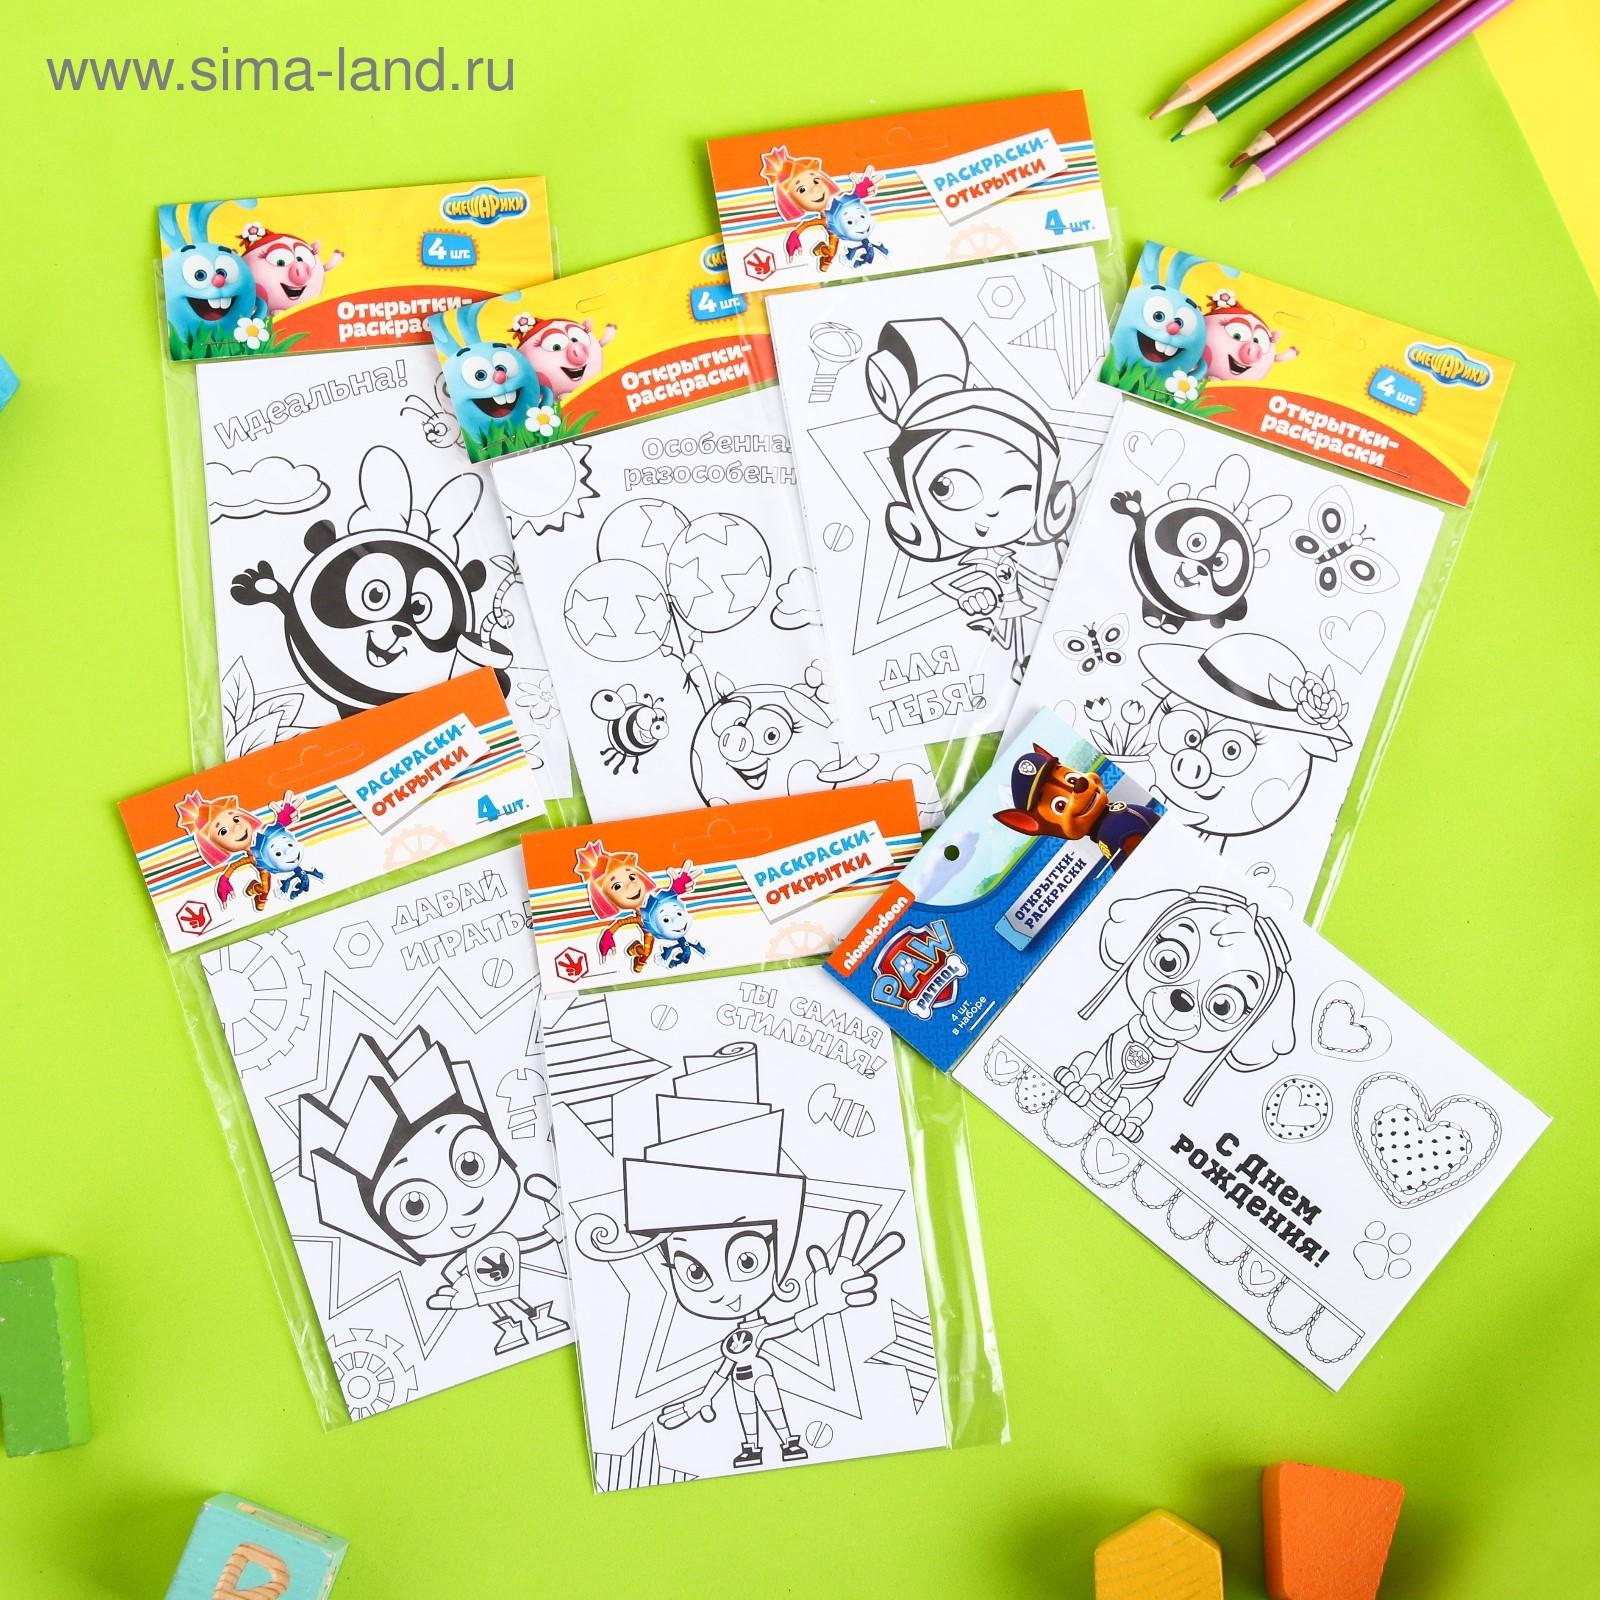 открытки раскраски микс 4273271 купить по цене от 9 00